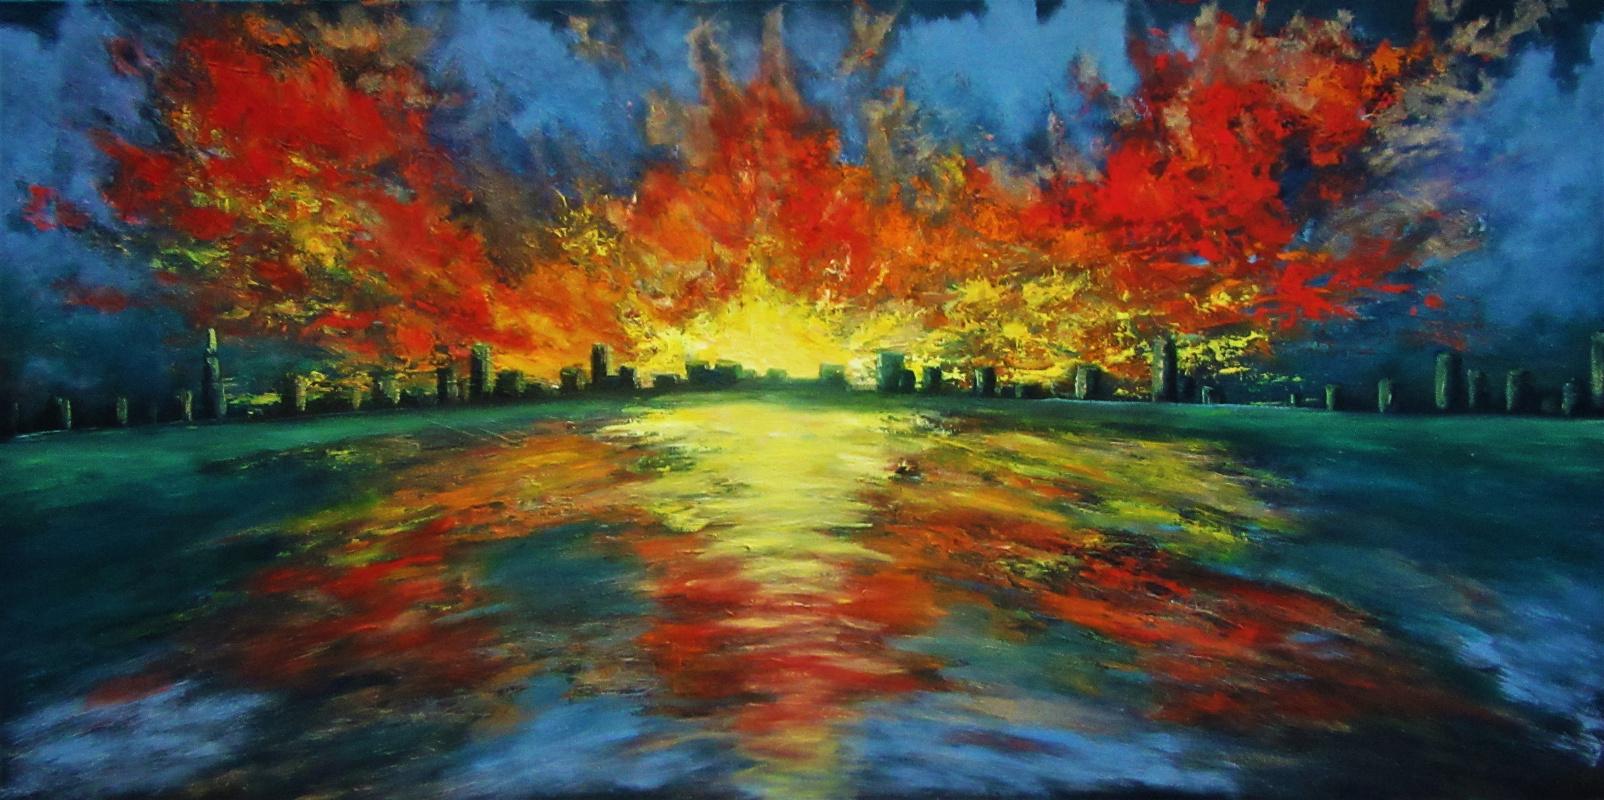 Natalia Viktorovna Tyuneva. Sunset over the city